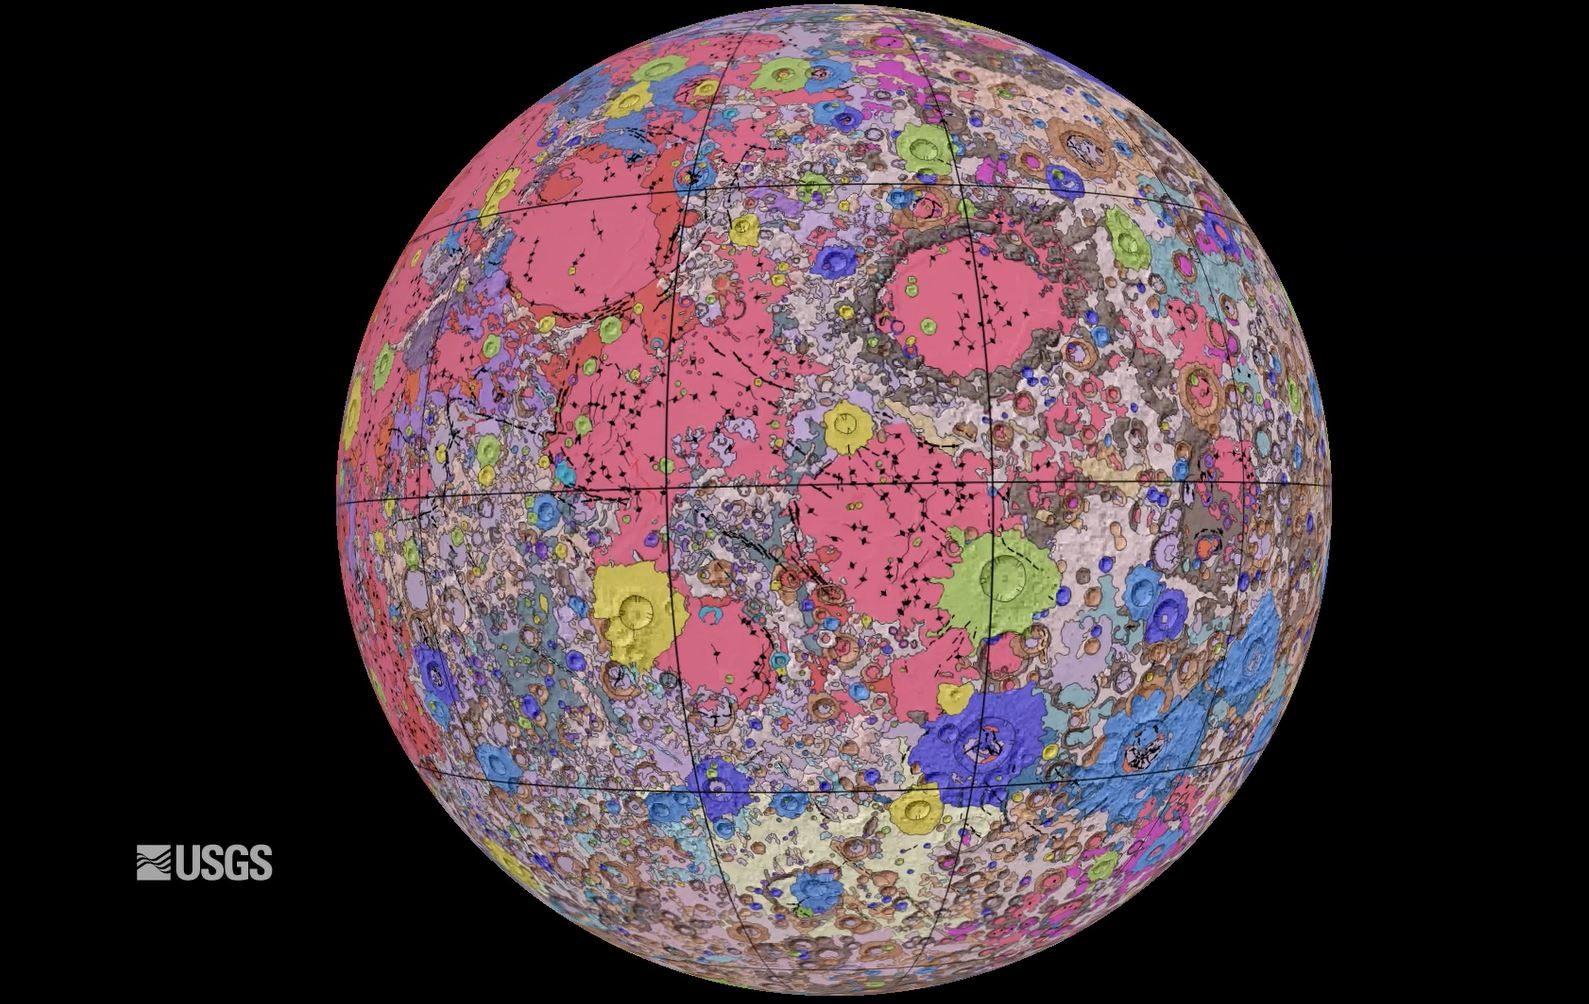 首張「月球地圖」佈滿彩色寶石!有從地球看不到的「美麗東方海」